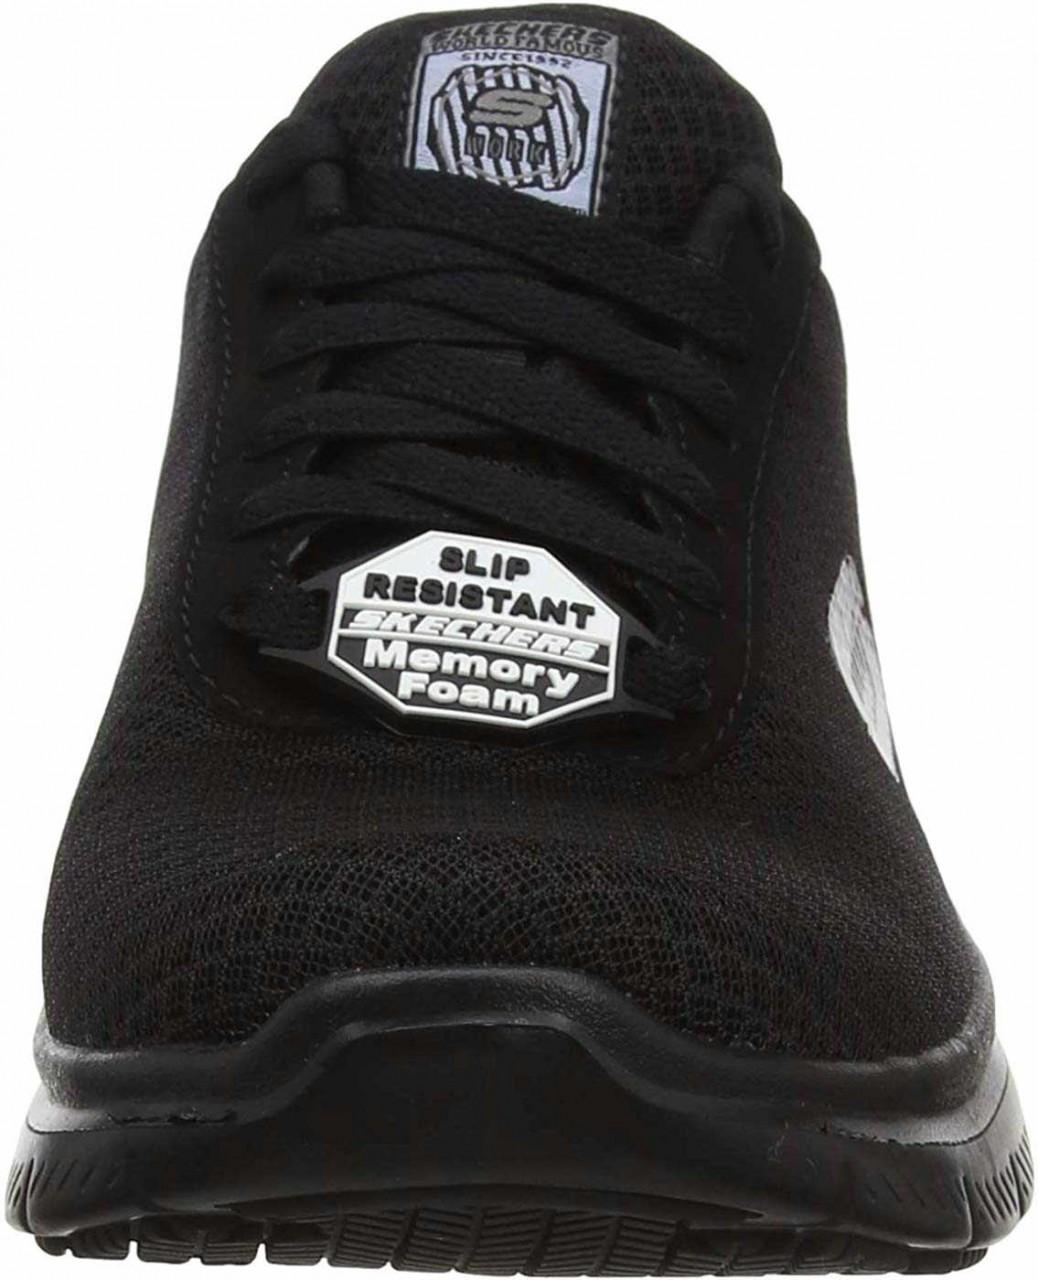 Skechers Sneaker schwarz Rutschfest